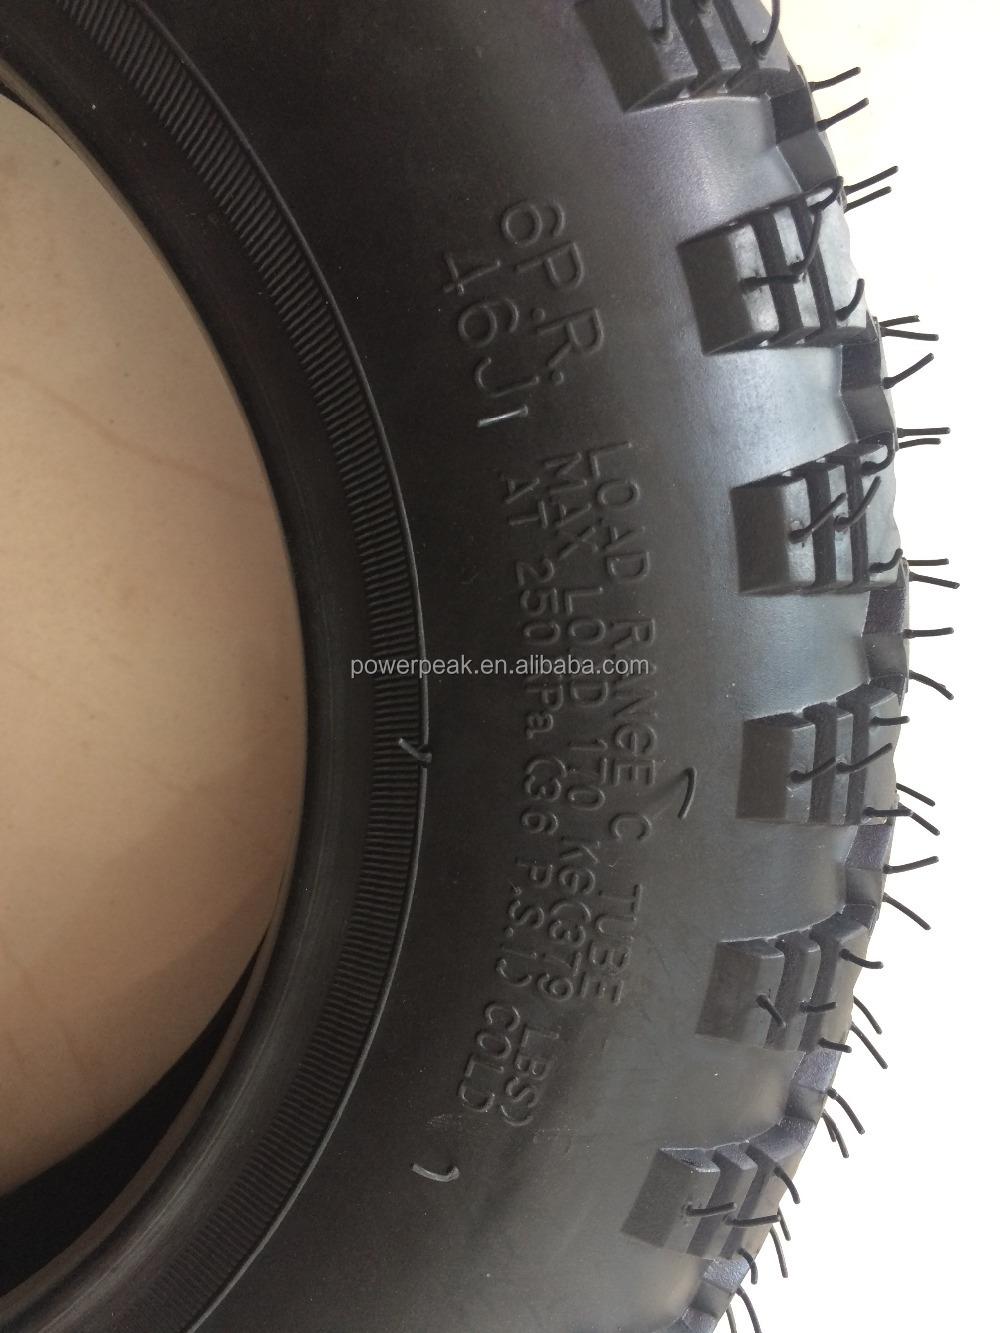 vespa scooter de pneu 350 8 pneus de motocicleta scooter 350x8 350 10 pneus para motos id. Black Bedroom Furniture Sets. Home Design Ideas